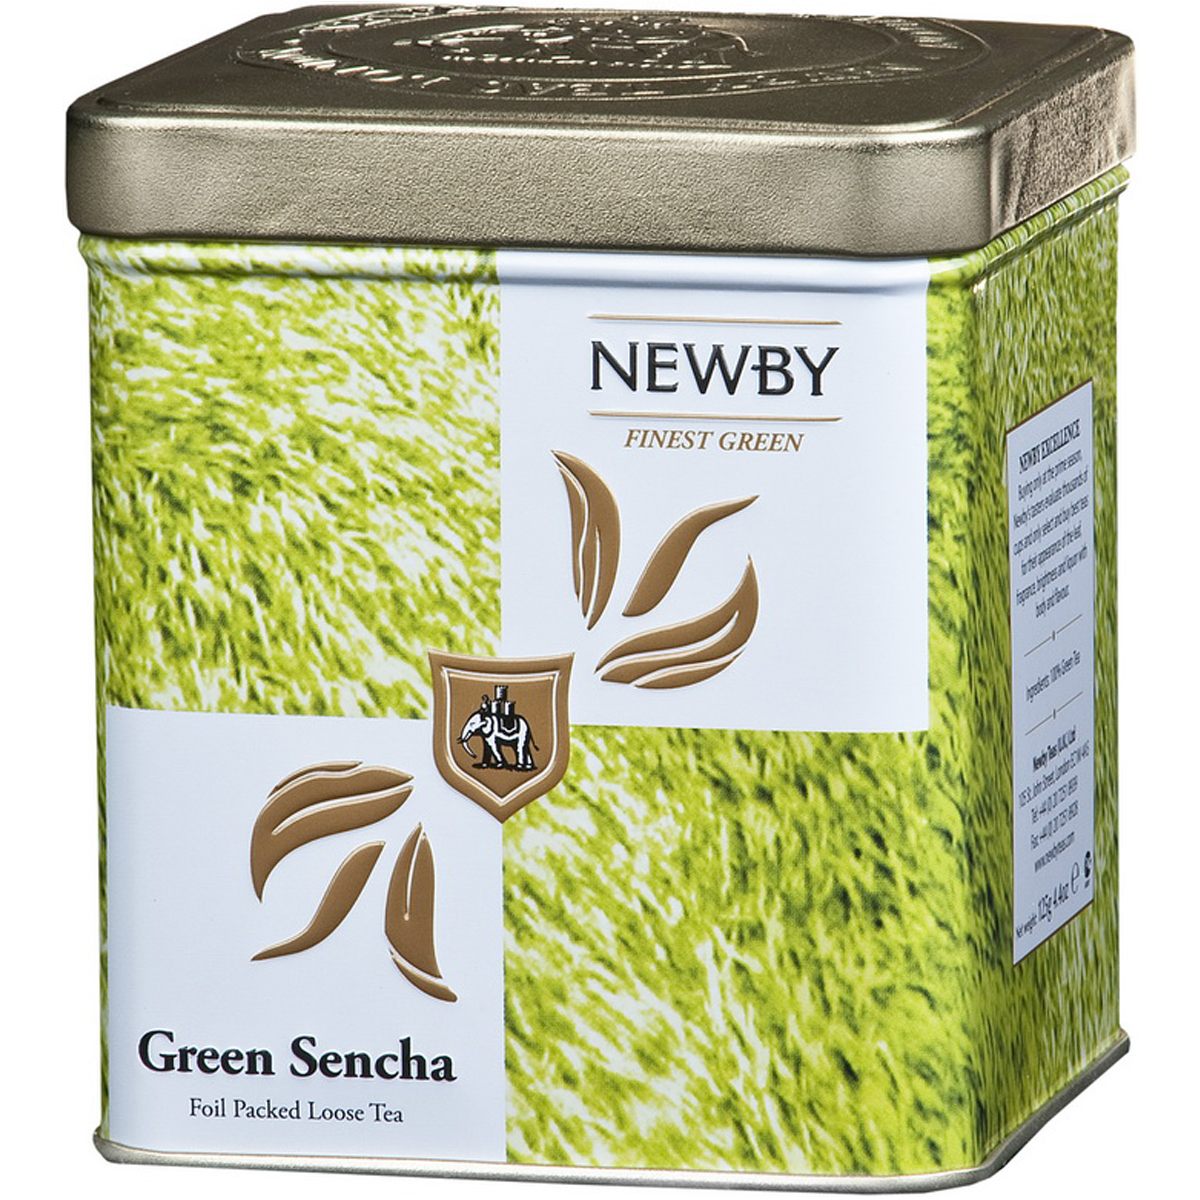 Newby Green Sencha Safari зеленый листовой чай, 125 г цена в Москве и Питере